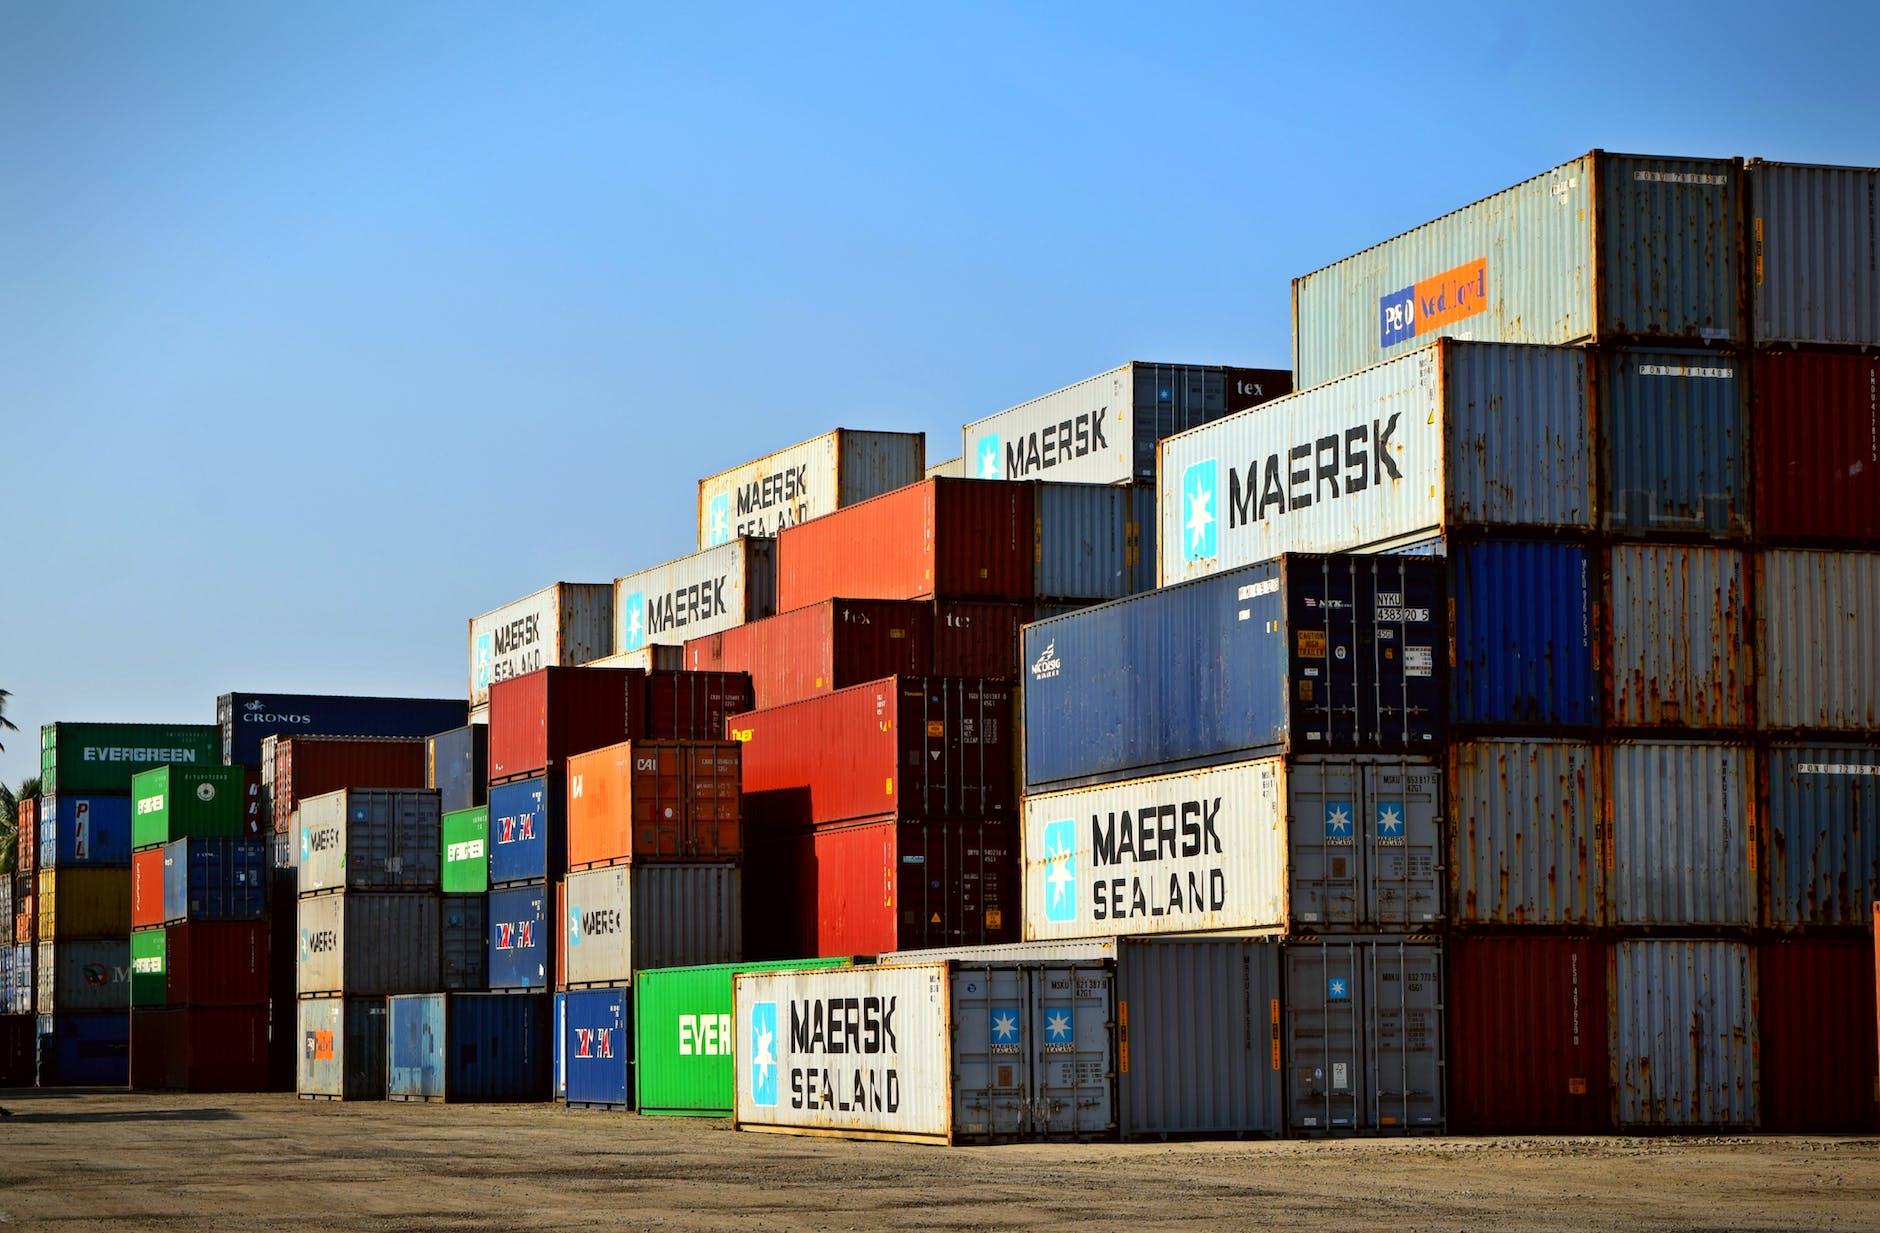 Container-Ladeplatz mit vielen Containern, die als Sammelcontainer genutzt werden können